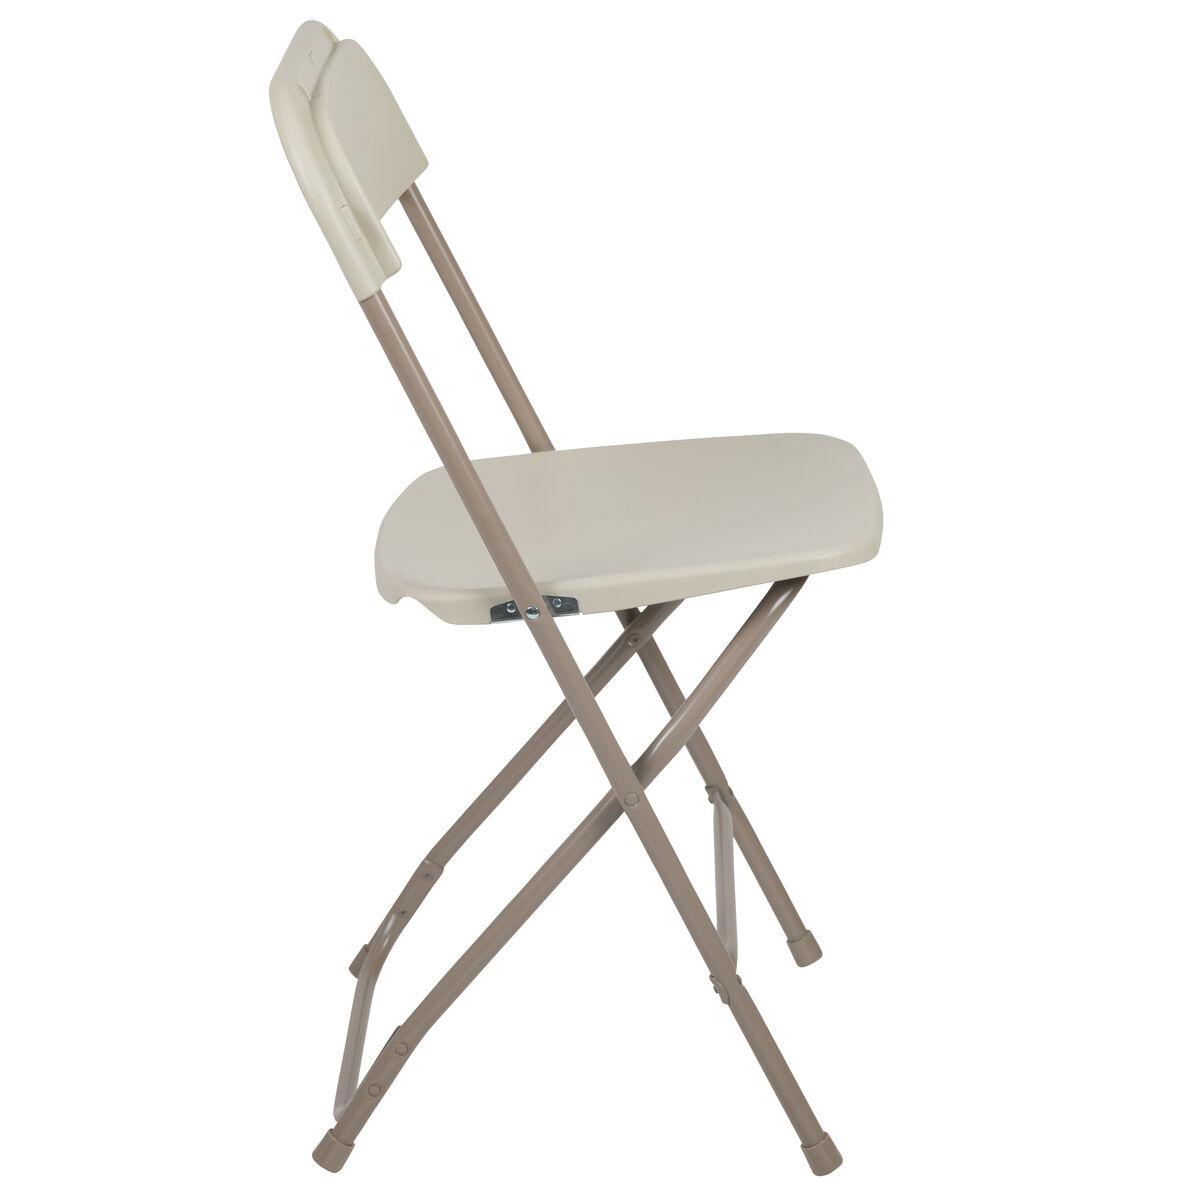 beige plastic folding chair le l 3 beige gg bestchiavarichairs com